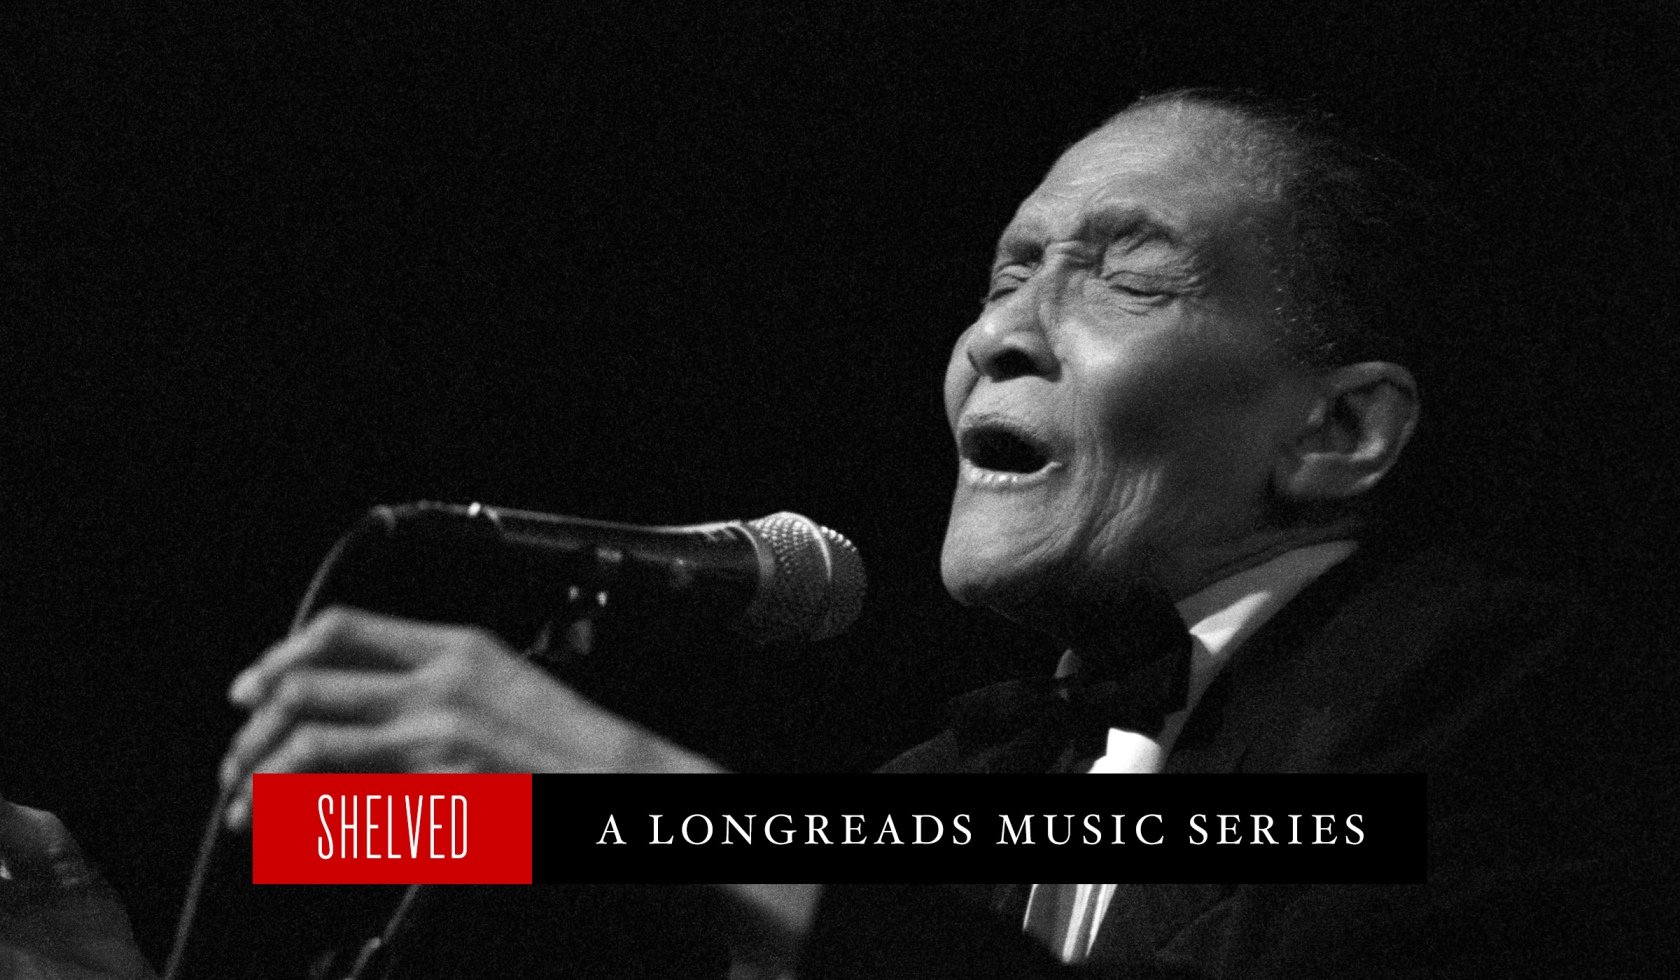 Shelved: Jimmy Scott's Falling In Love Is Wonderful